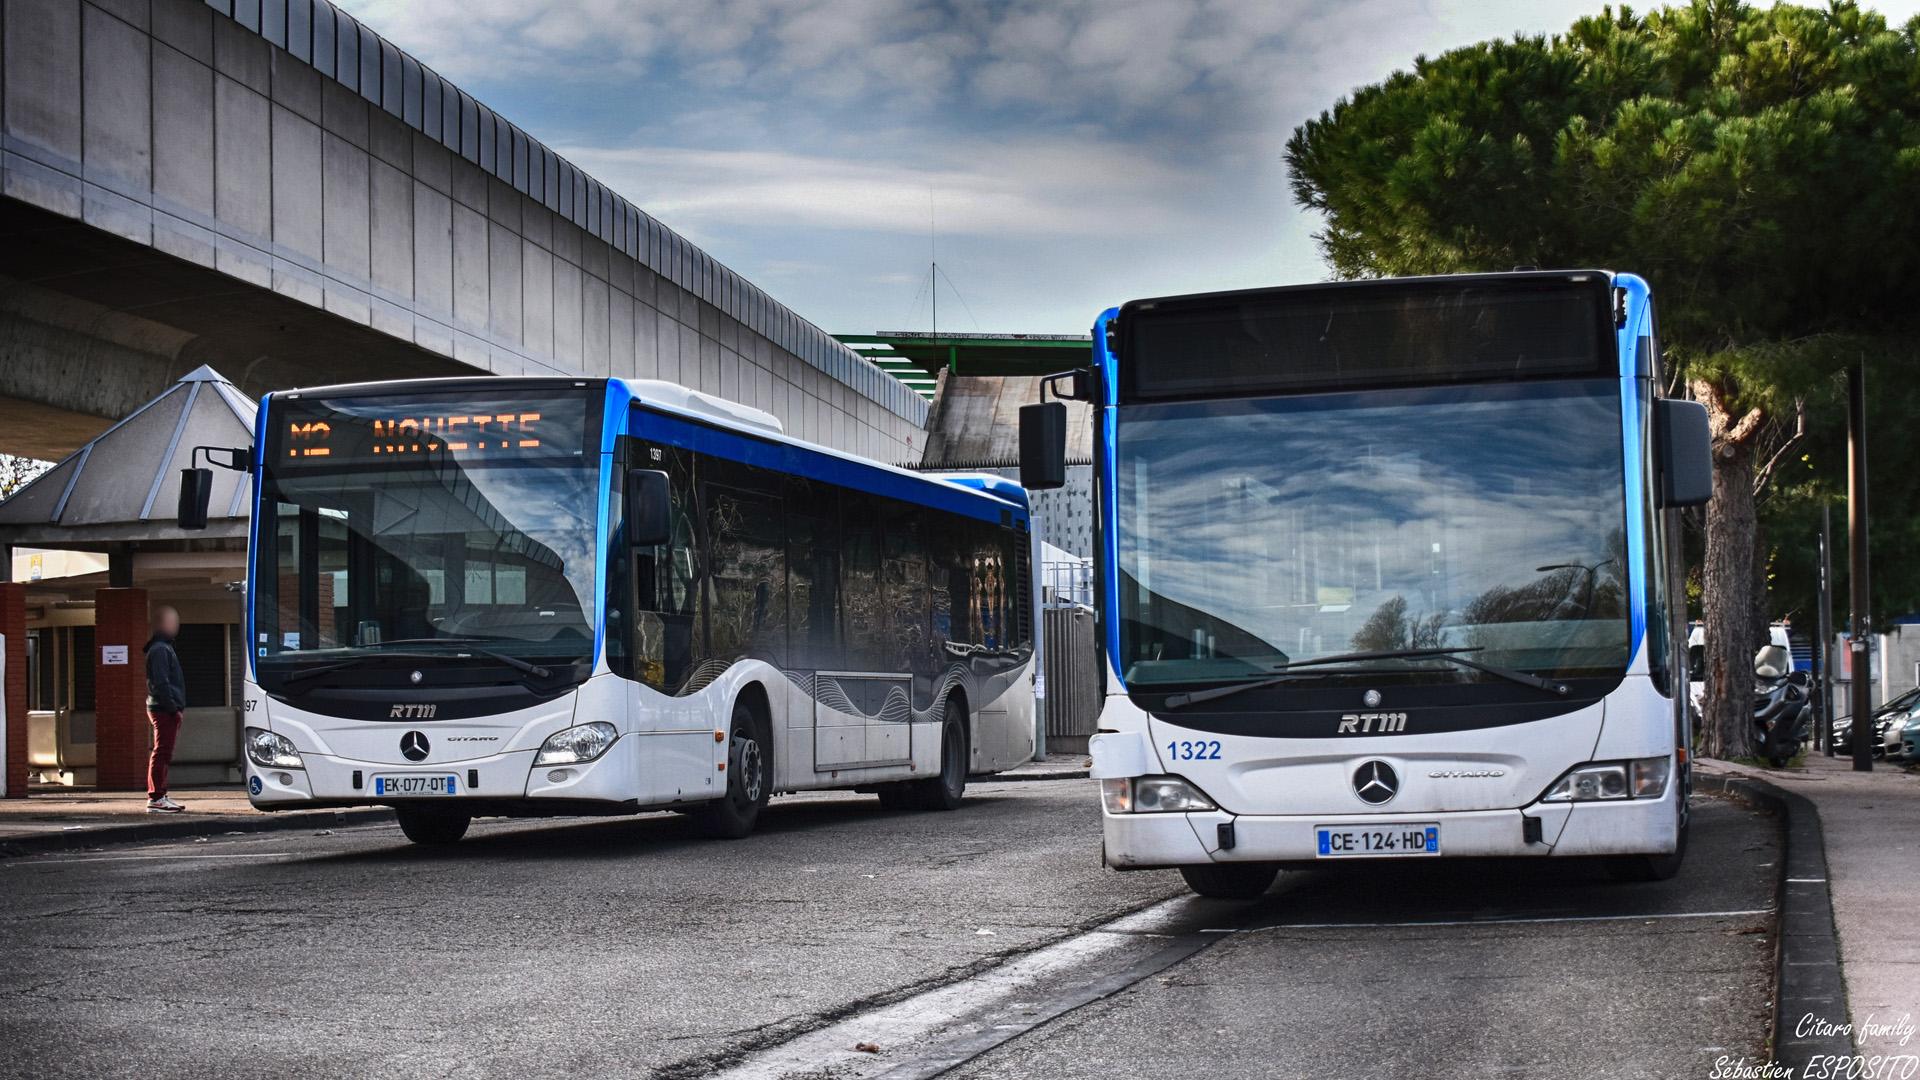 Quand le métro joue les fauteurs de troubles, c'est les Citaro qui prennent le relais, à la station Sainte Marguerite Dromel, les Citaro se doublent et se croisent pour assuré la ligne de secours M2, le tout, dans une gare d'échange étonnement calme. . ℹ️ Mercedes Benz Citaro 2 Euro 6 RTM n°1397 et Citaro facelift RTM n°1322. . 📍 Métro Sainte Marguerite Dromel, Boulevard Schloesing, 9eme arrondissement de Marseille. . ↔️ M2 Navette : Sainte Marguerite Dromel - Castellane. . 📸 Nikon D5600. . 📷 Nikkor 18-55mm. . 📅 22 Décembre 2018 à 11:33. . 👨 Sébastien ESPOSITO.